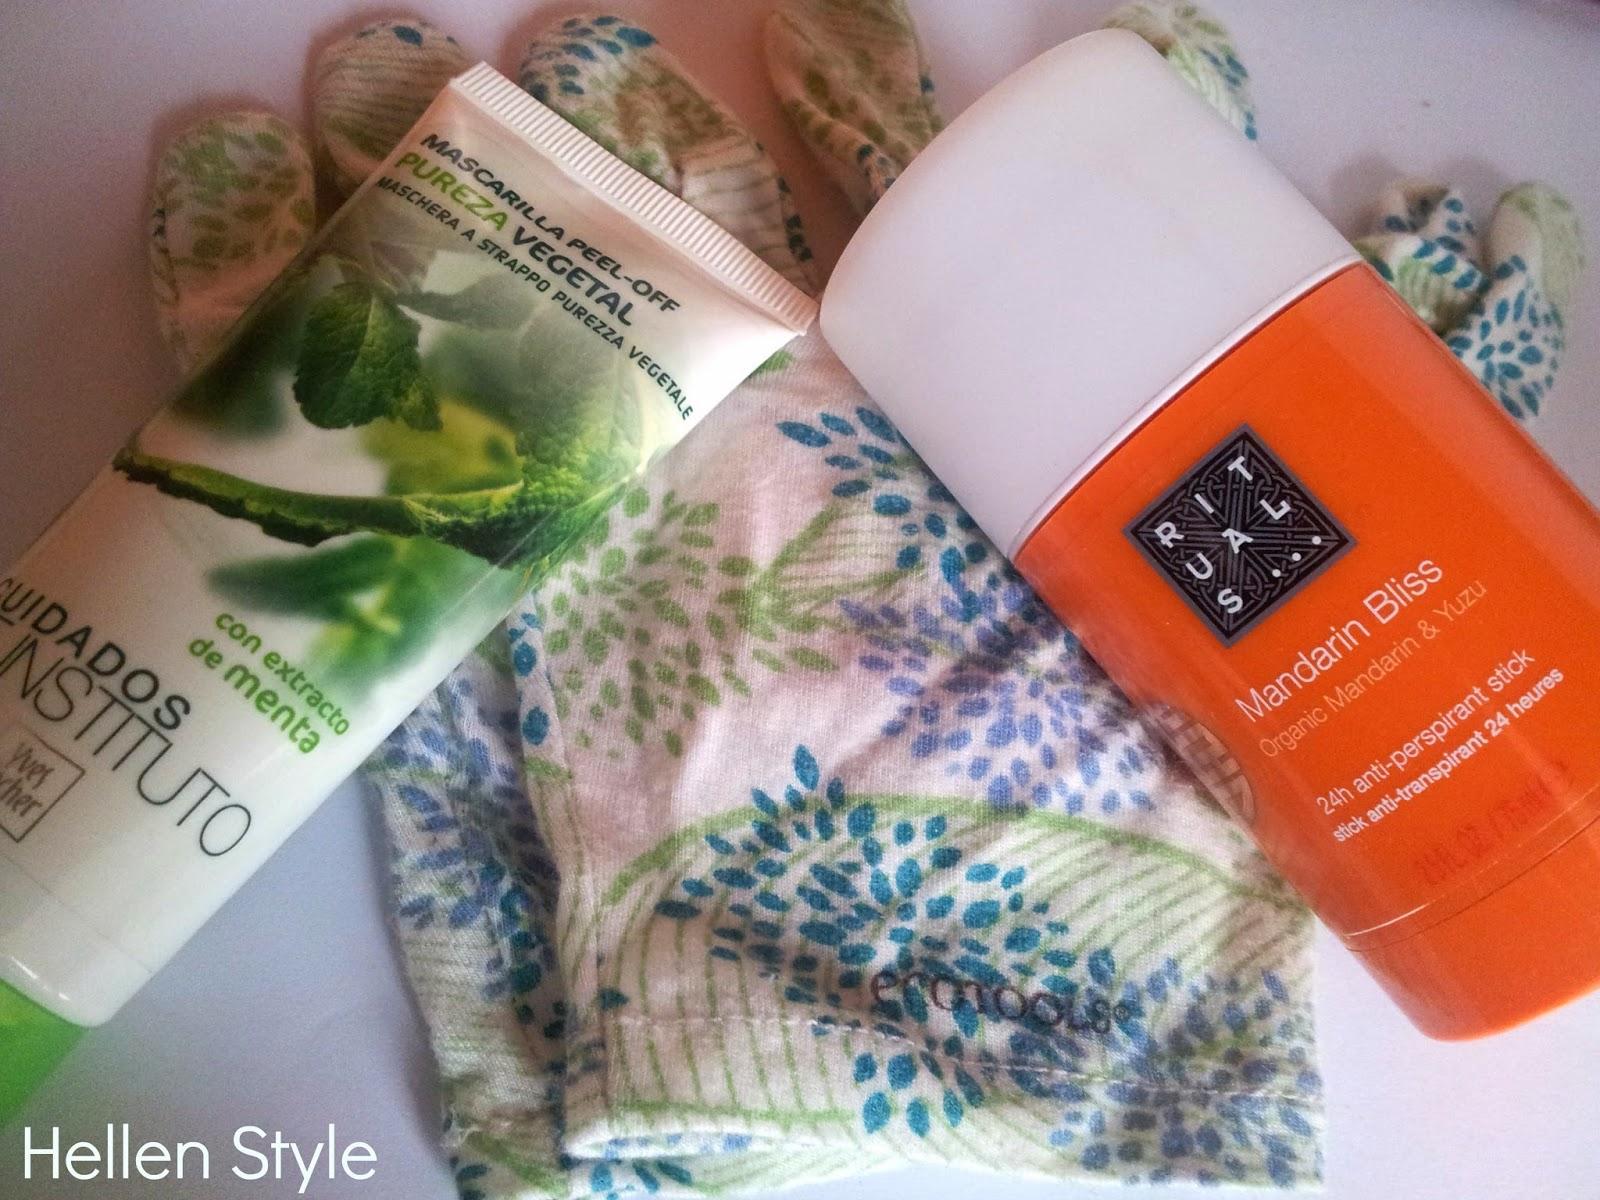 productos de cosmética no recomendados